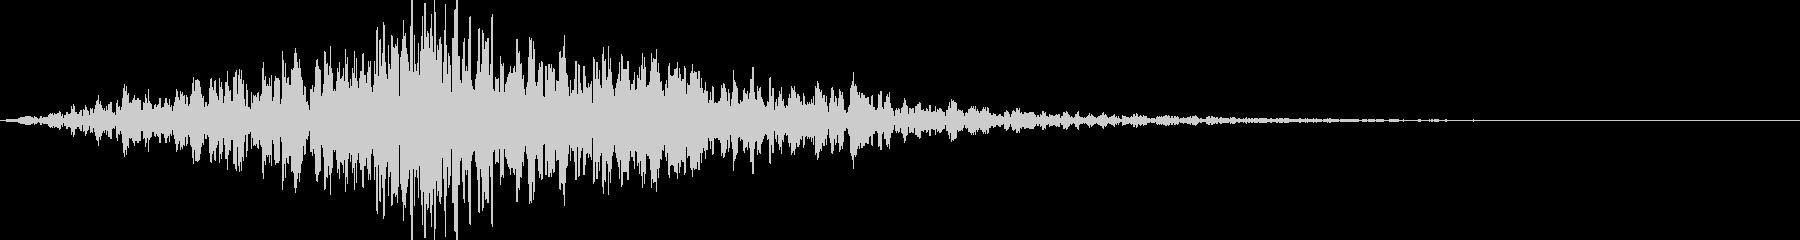 どーんシューッ:かっこいいオープニング音の未再生の波形